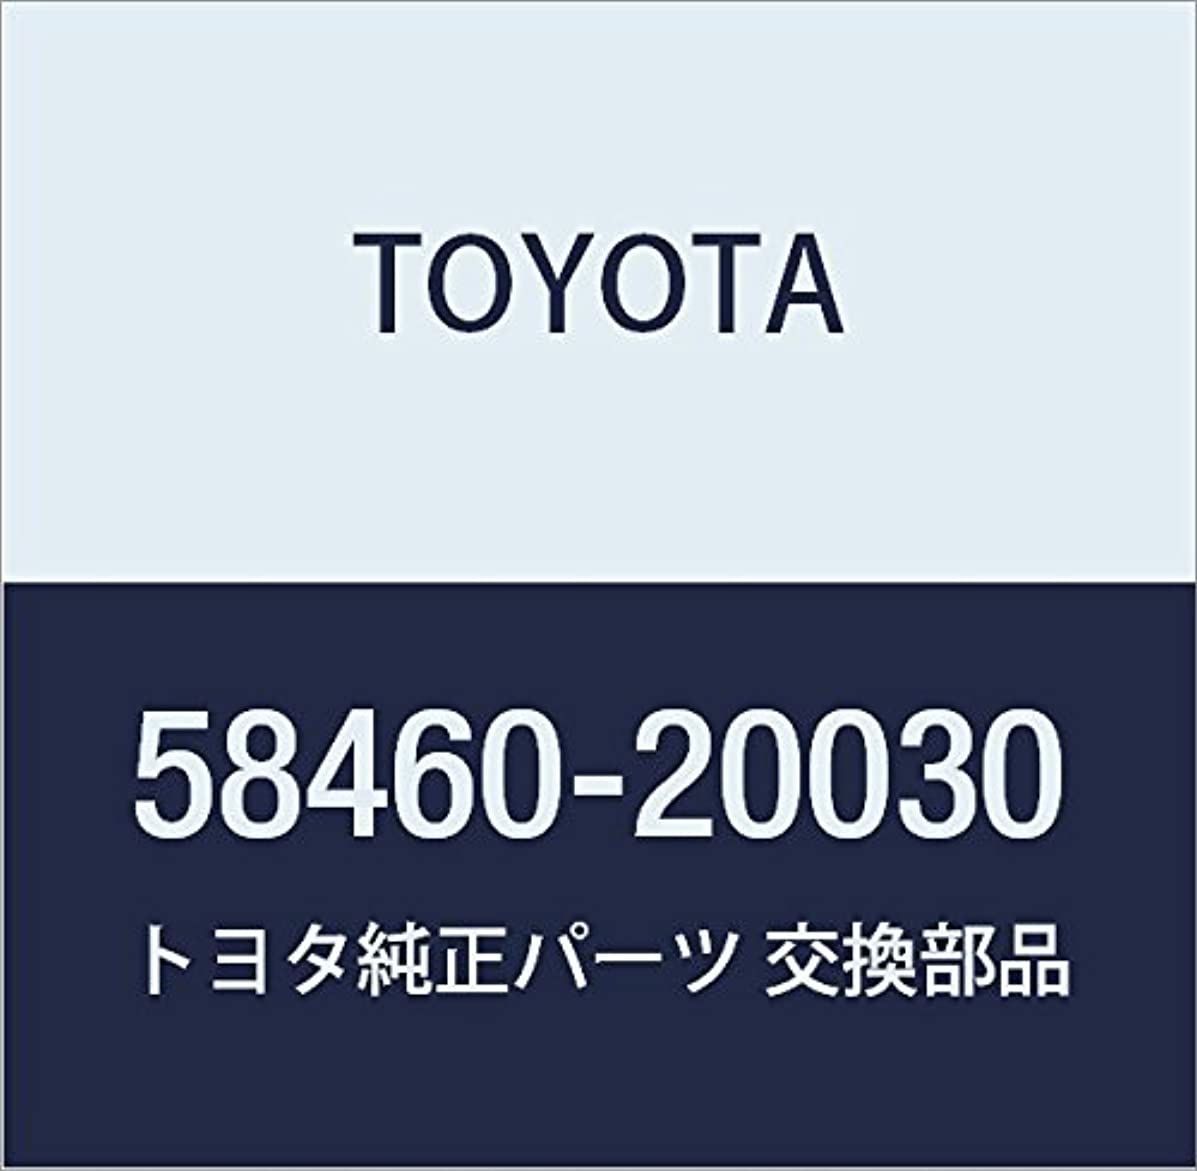 メタリック手数料慎重TOYOTA (トヨタ) 純正部品 ラゲージホールドベルト ストライカASSY セリカ 品番58460-20030